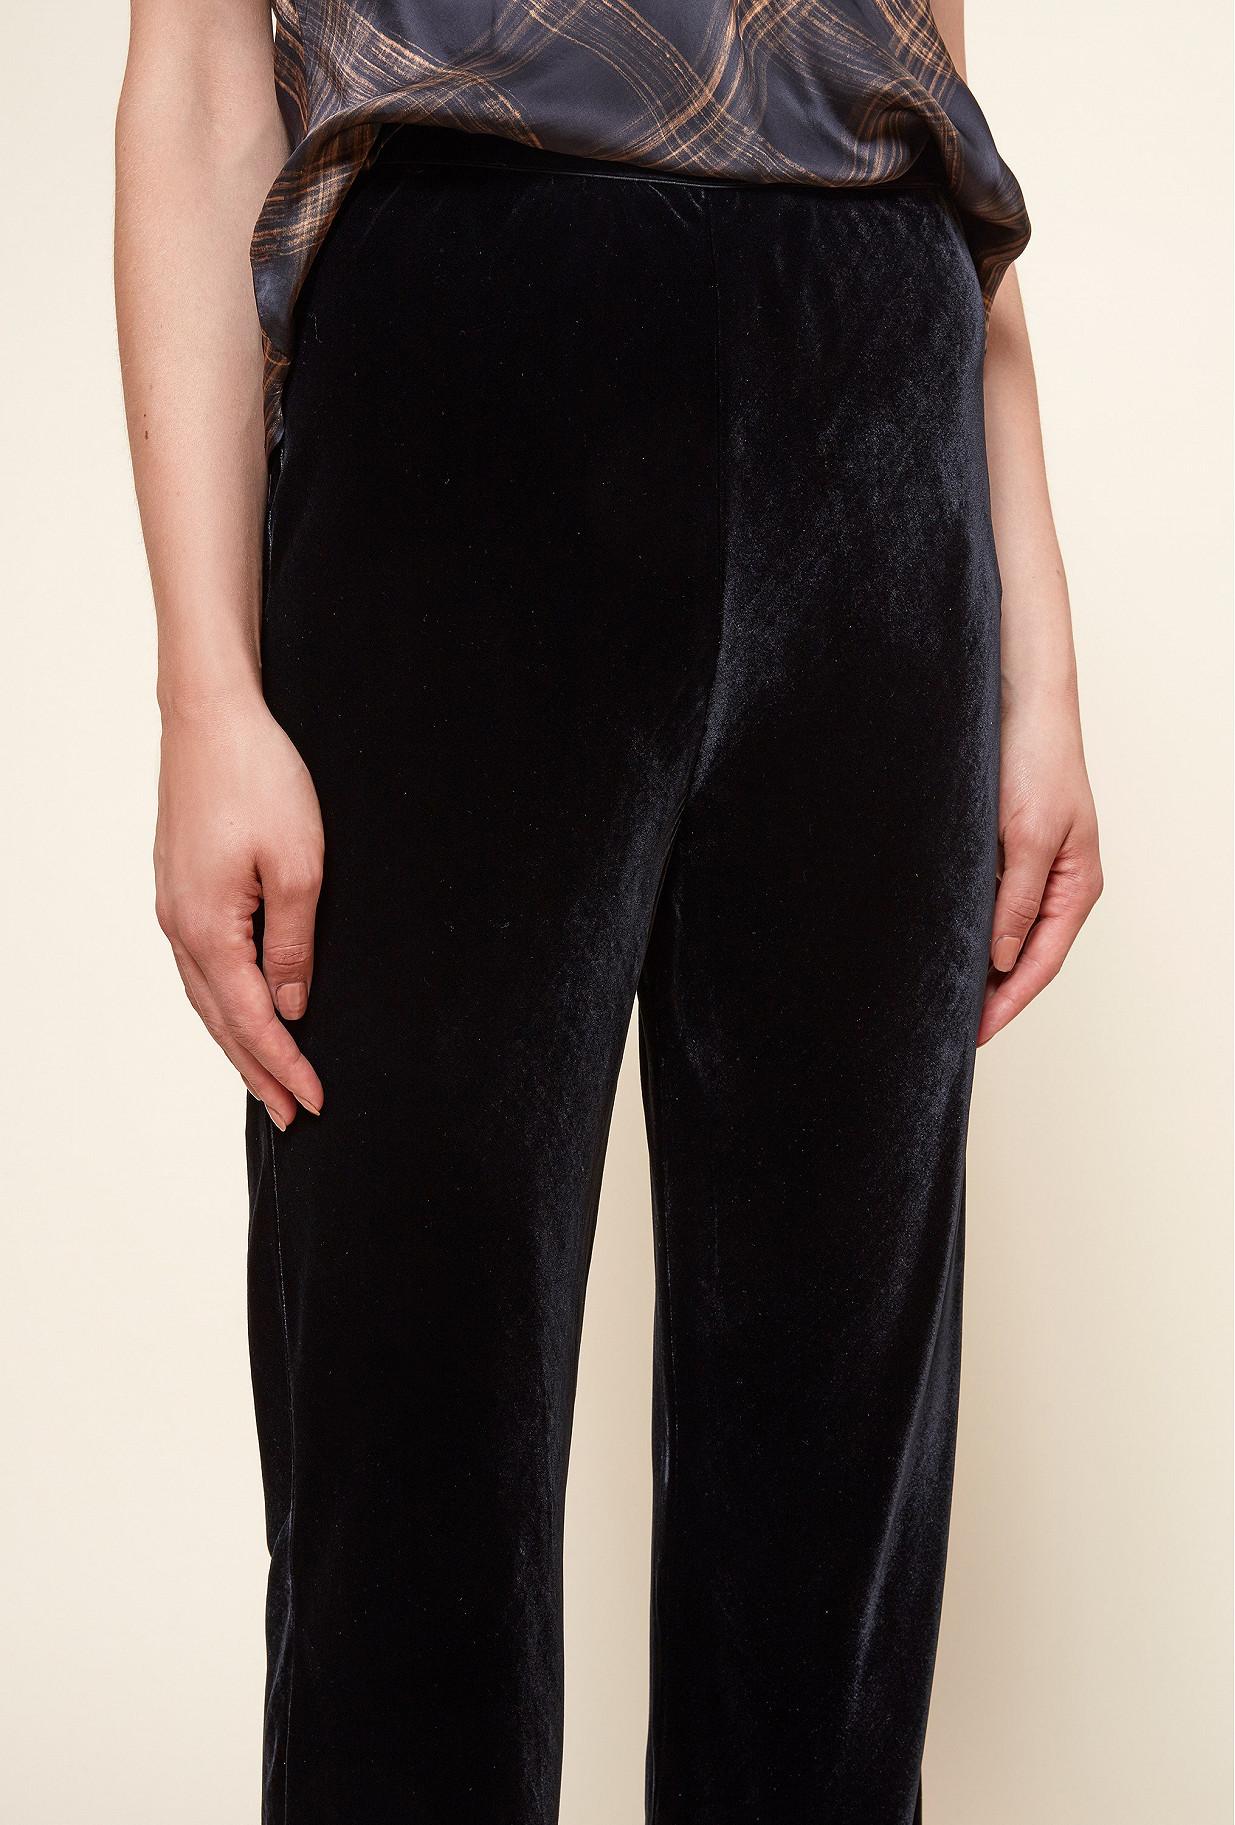 Paris boutique de mode vêtement PANTALON créateur bohème  Monica